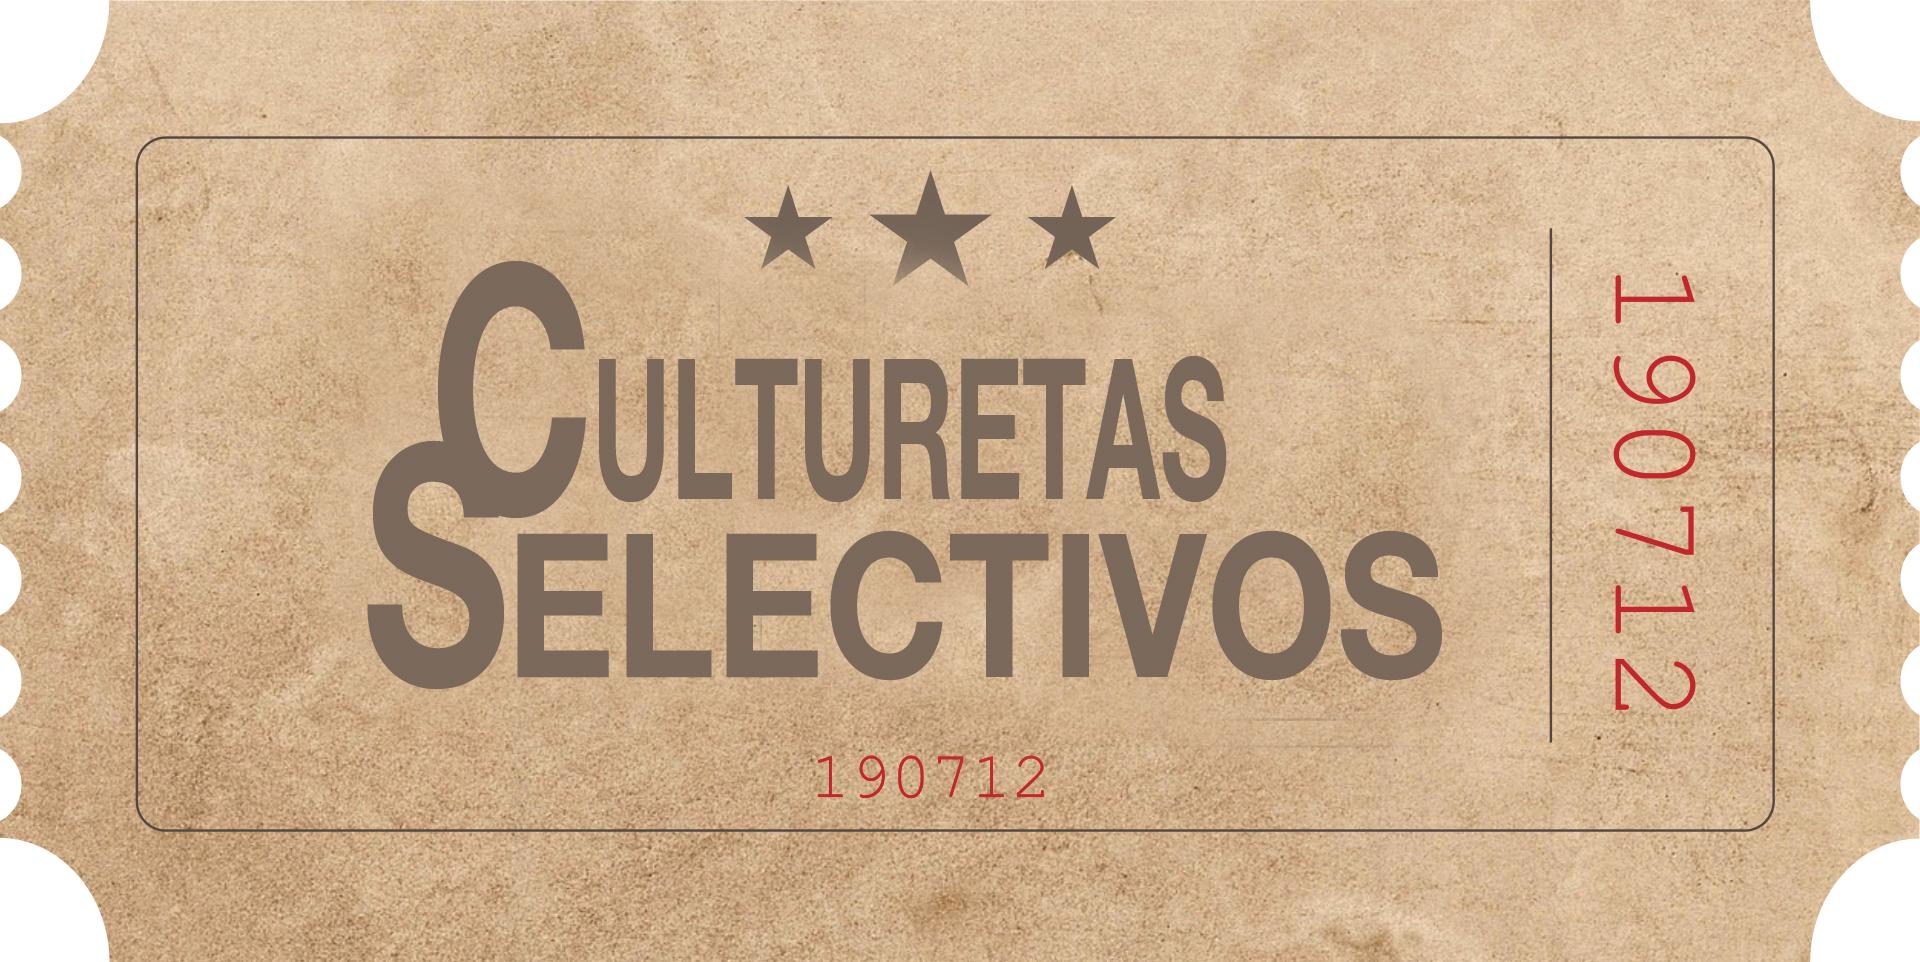 Culturetas Selectivos